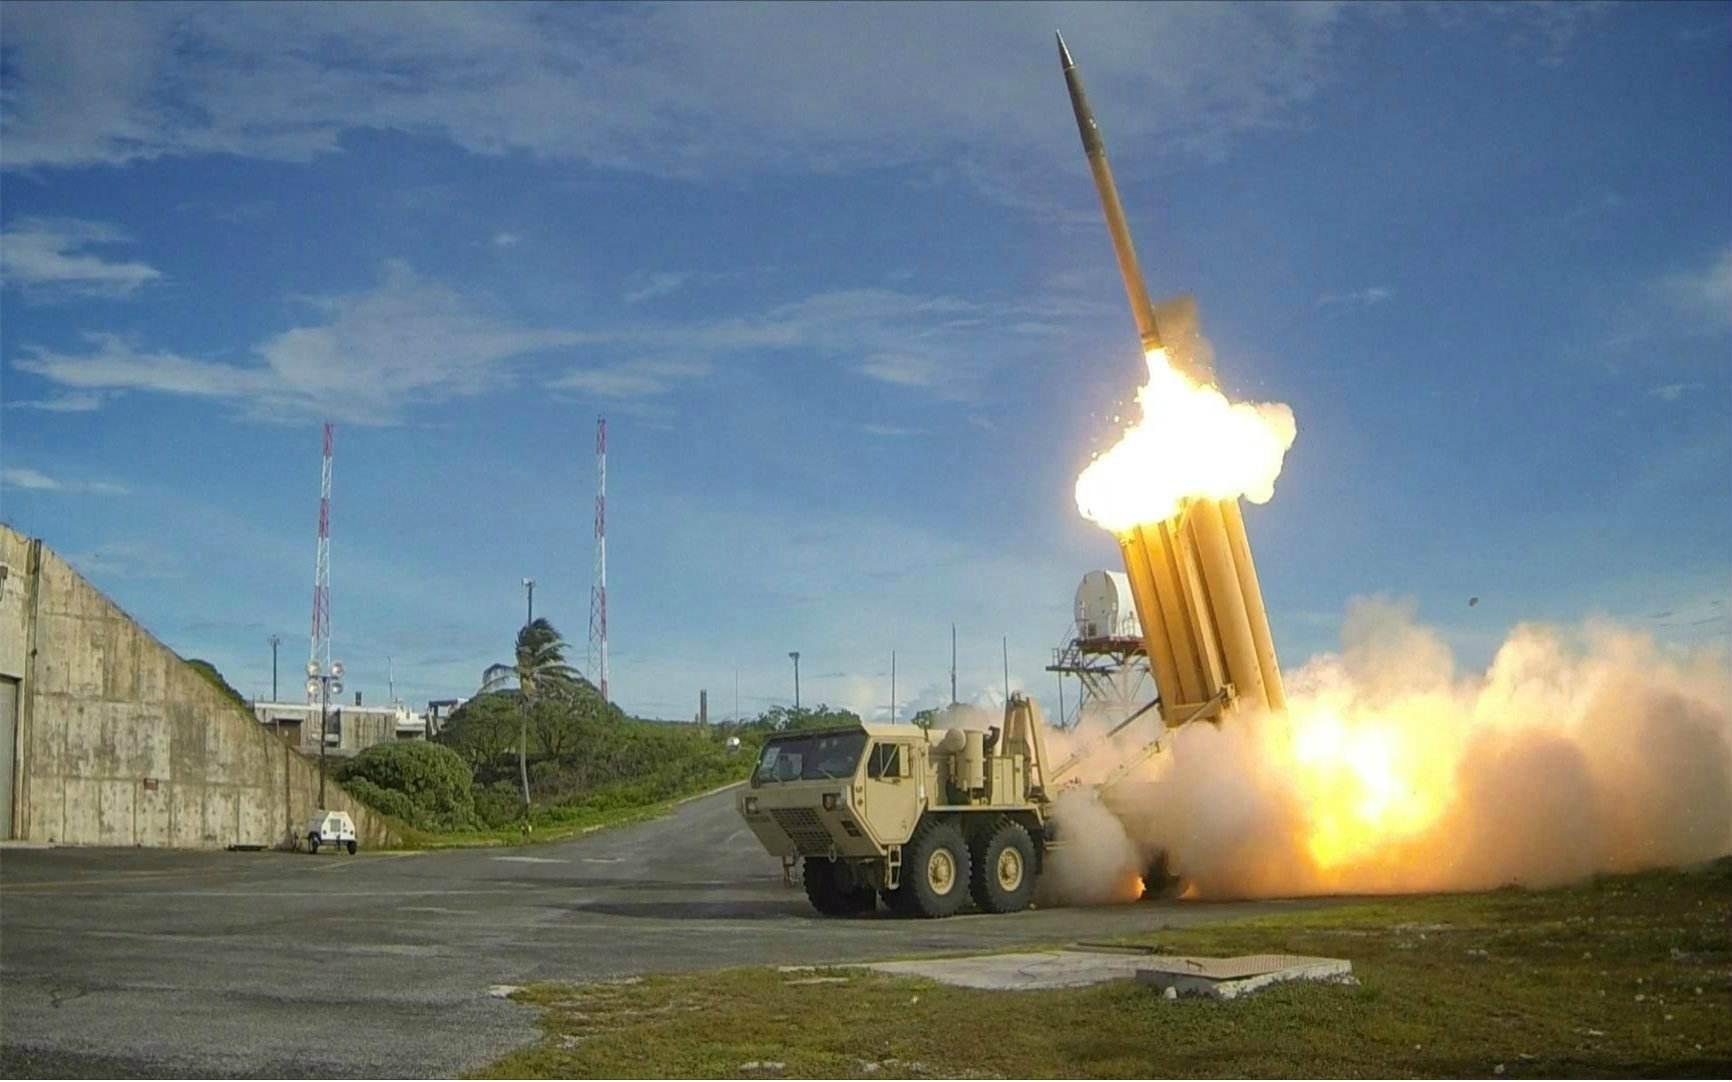 韩部署萨德背叛中韩友好 中国应让韩承受惩罚